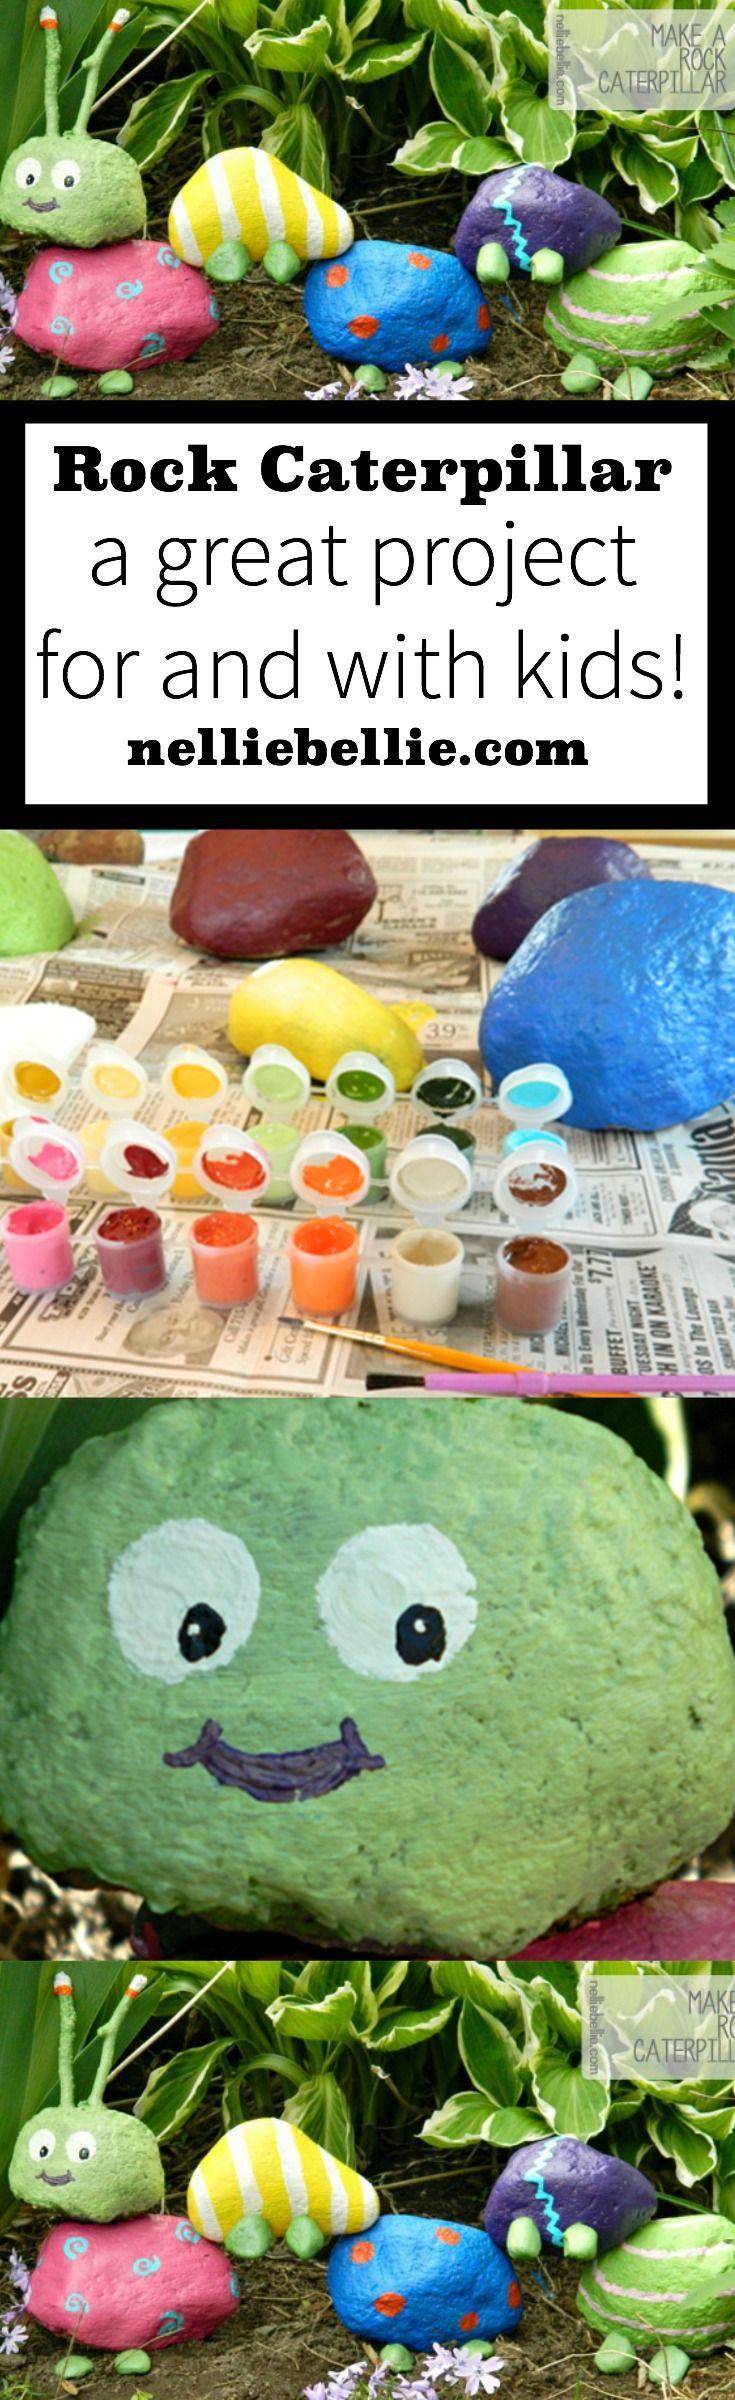 Garden Rock Caterpillar - A fun garden craft for kids